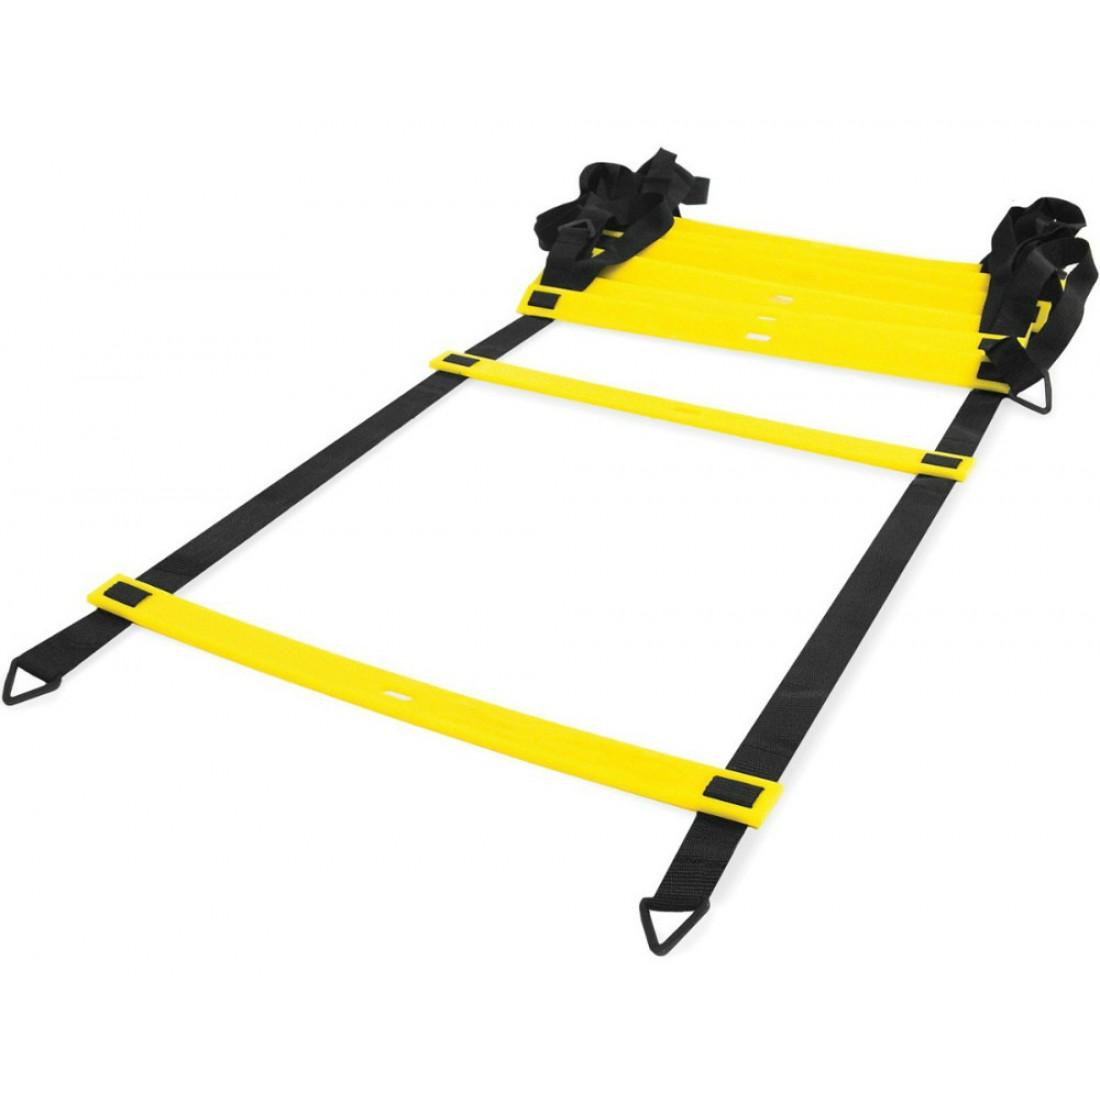 TRX / Функциональный тренинг / Кроссфит: Координационная лестница LiveUp AGILITY LADDER 4 м